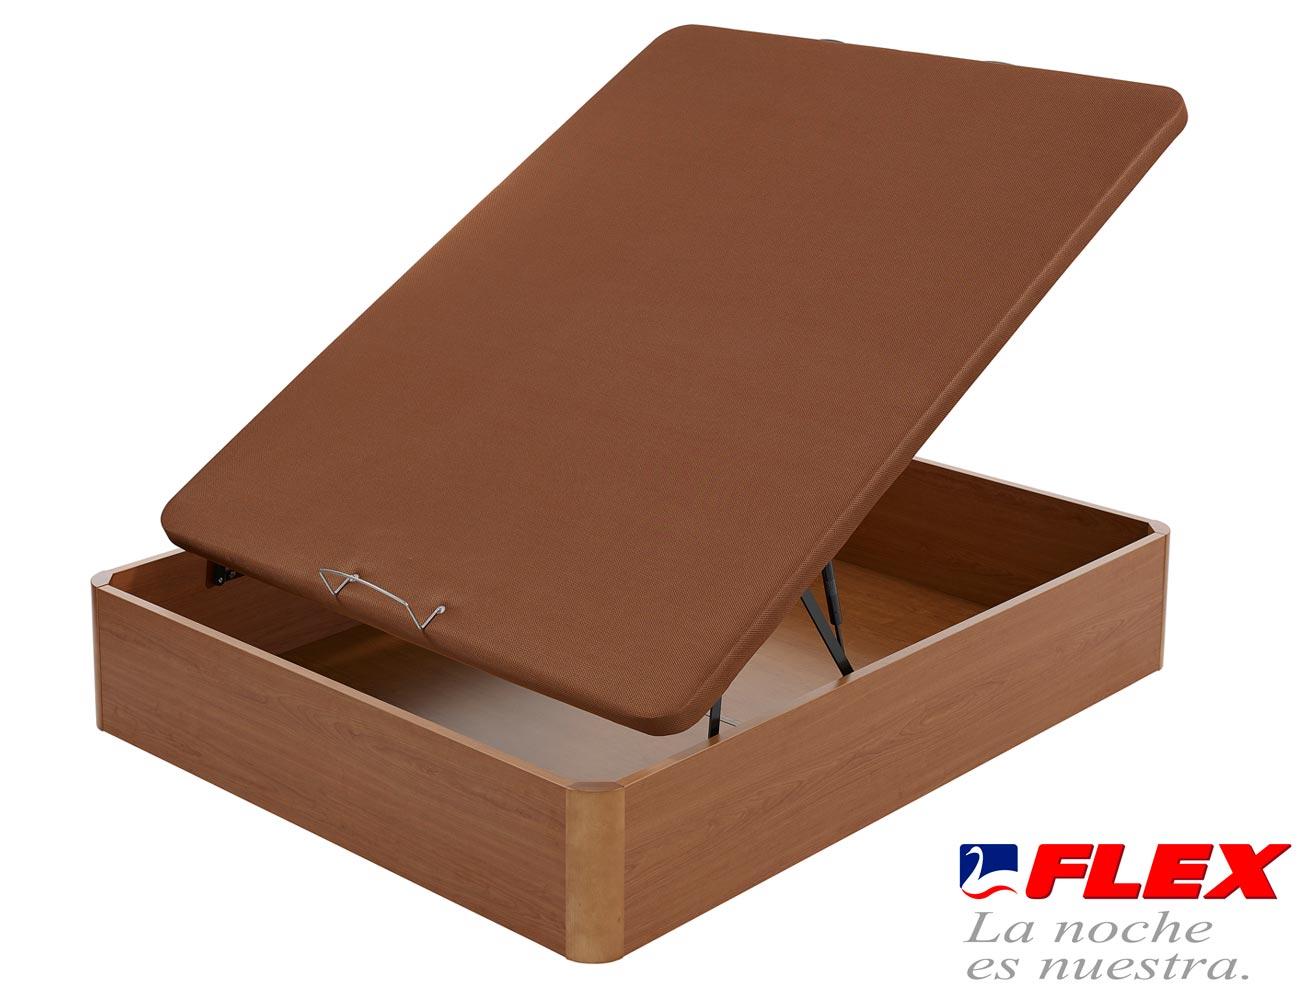 Canape flex madera abatible tapa3d 837